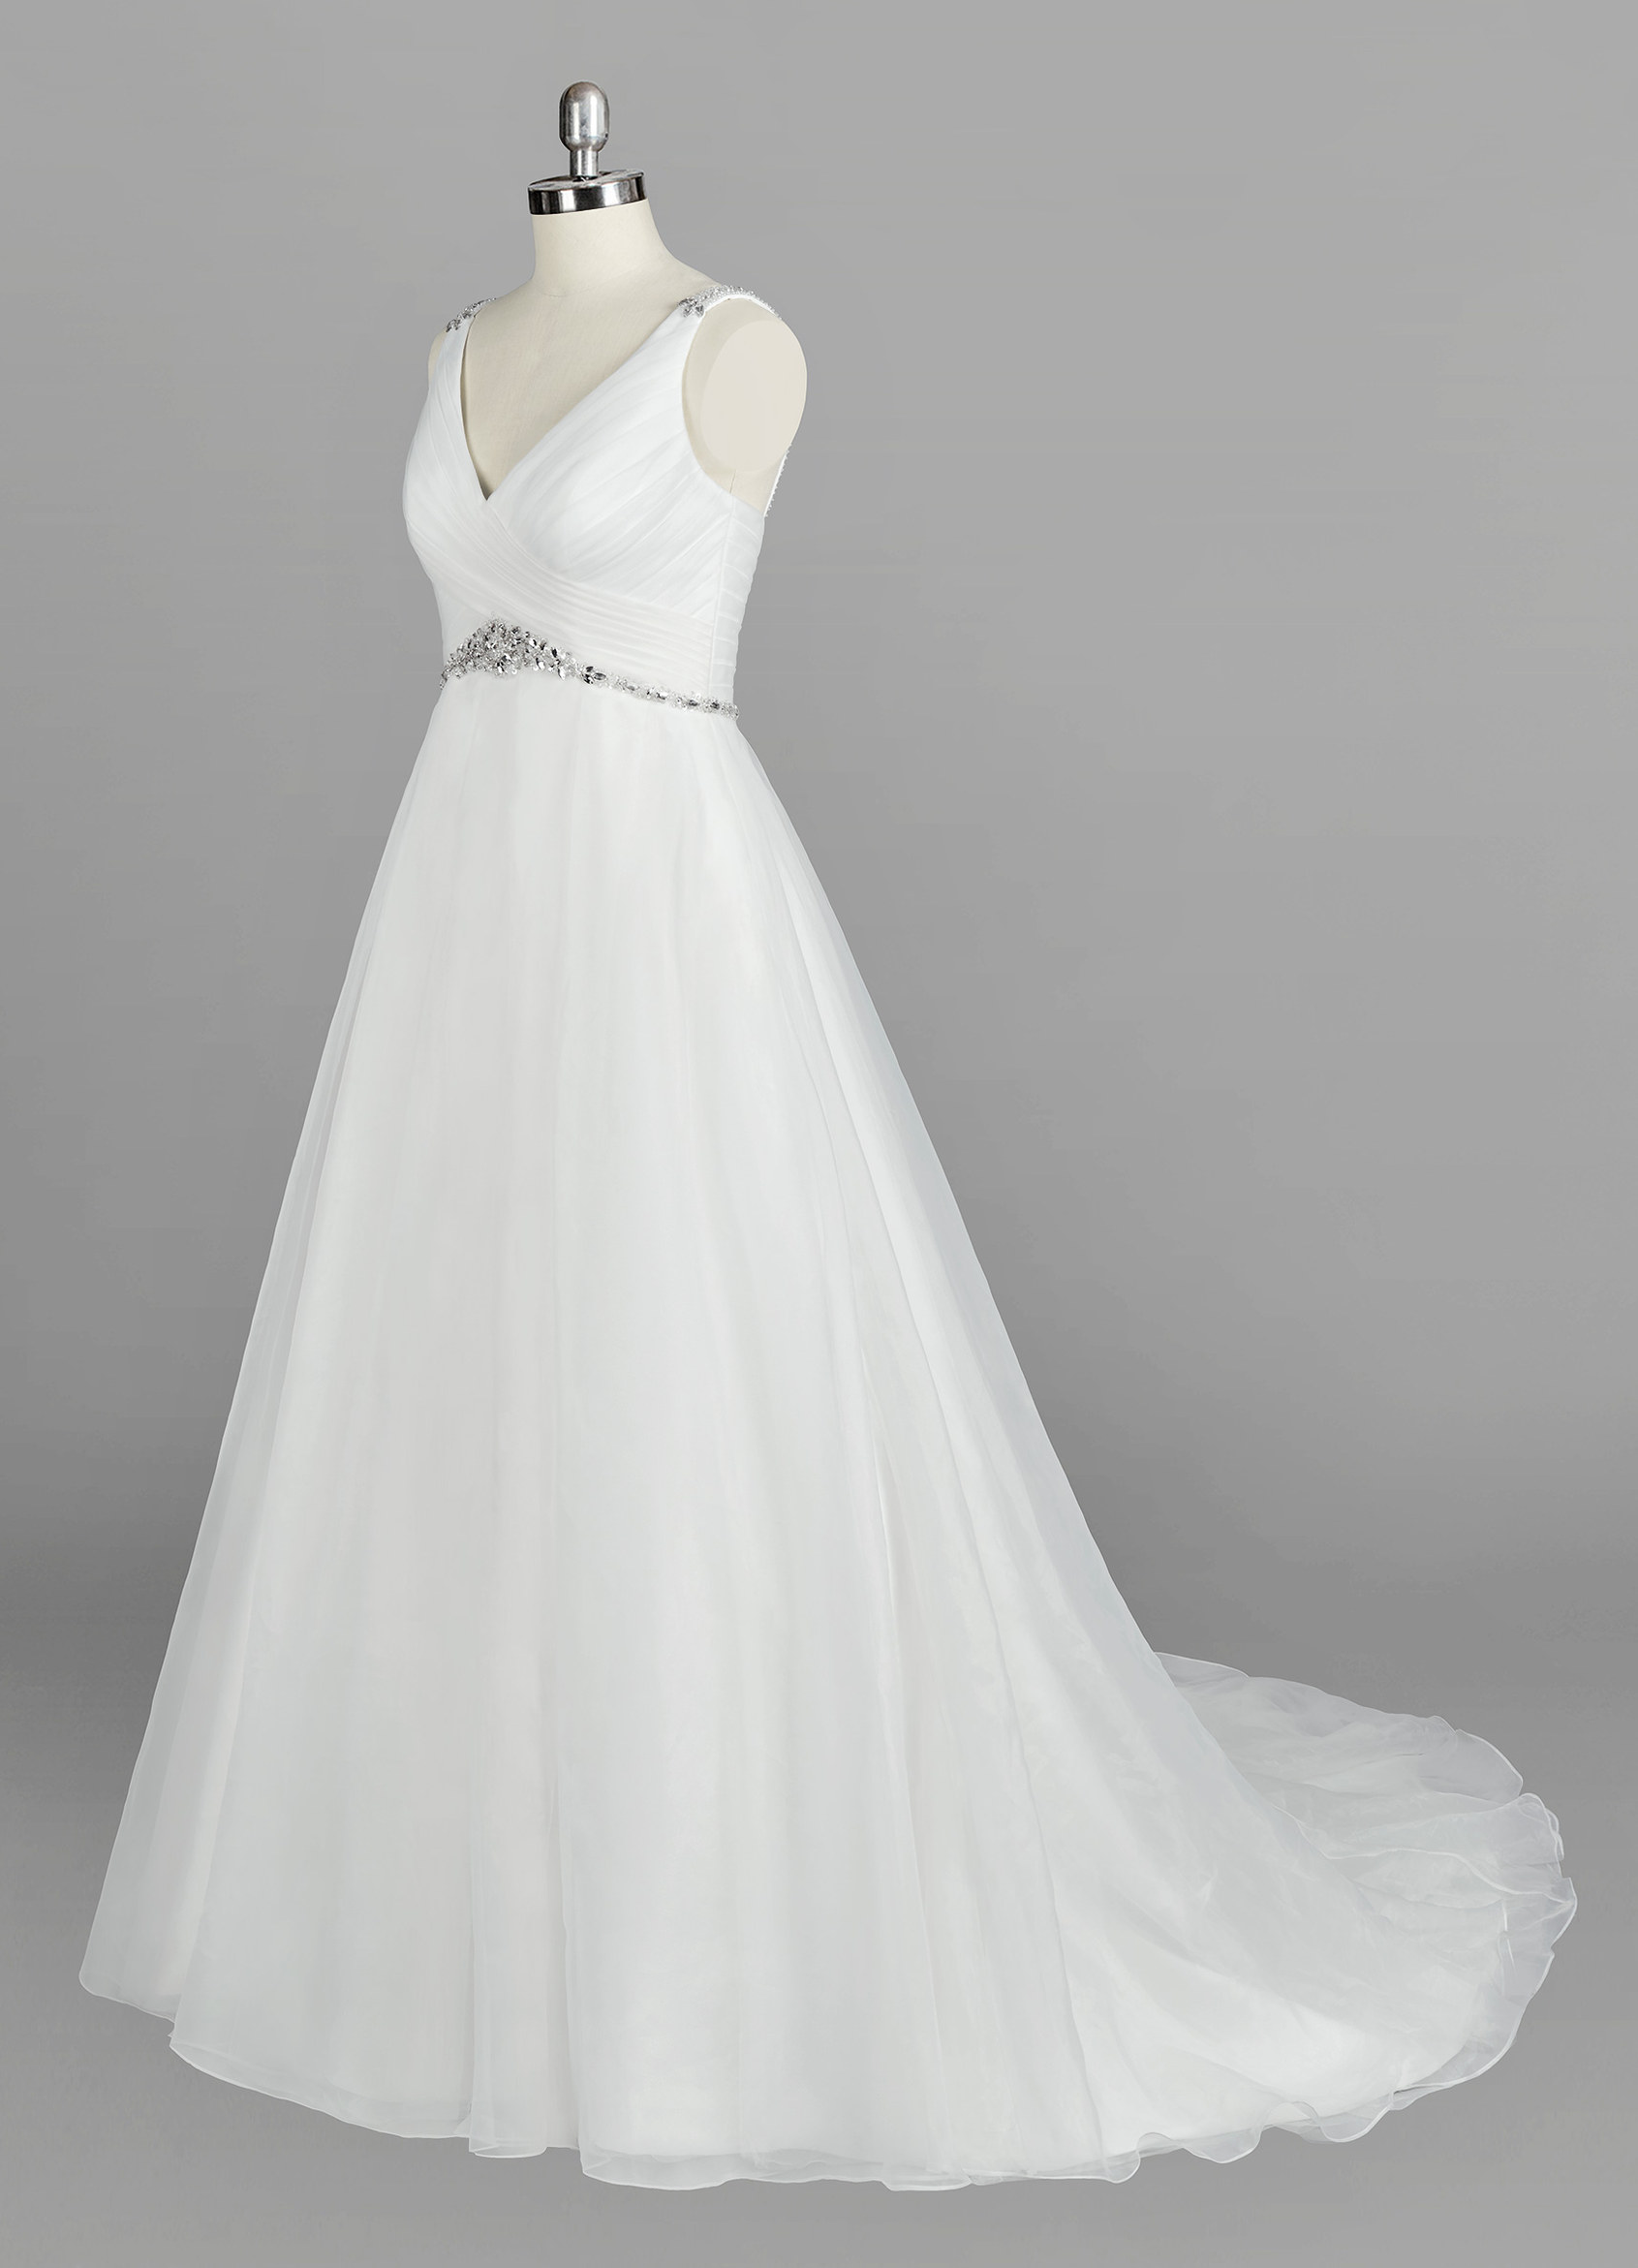 Delilah Bg Sample Dress